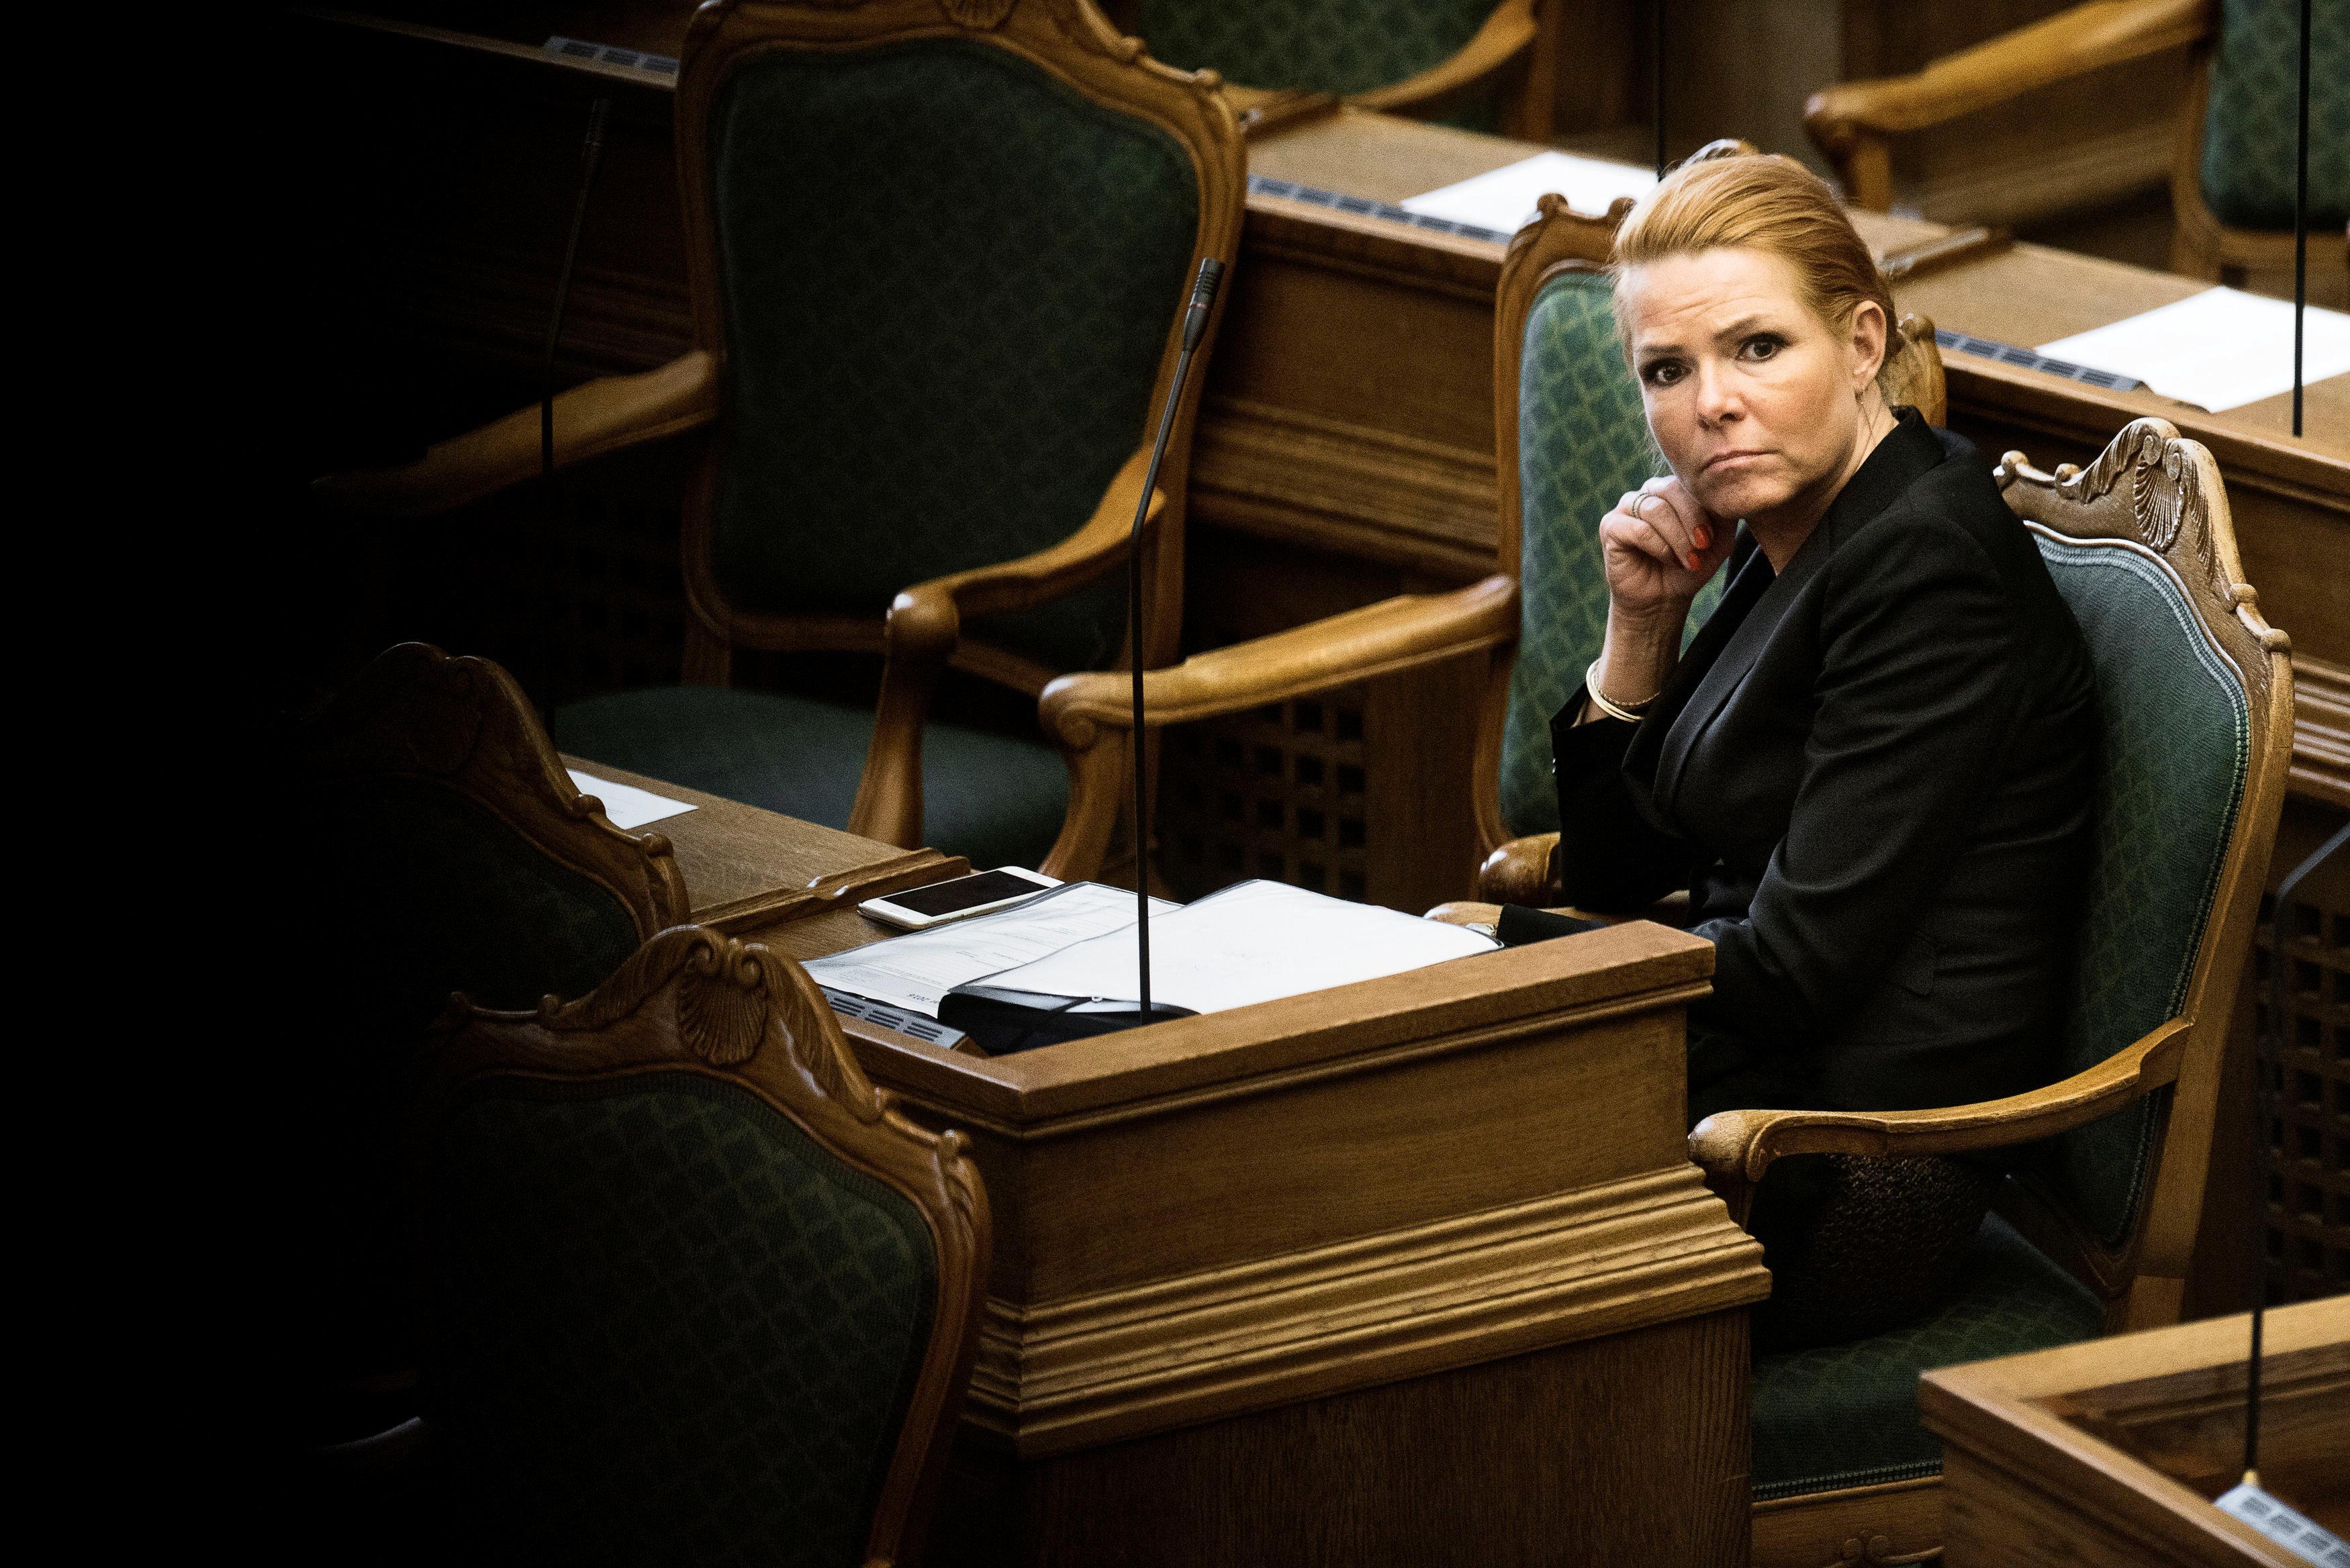 평화로운 나라 덴마크가 황당한 정책을 연달아 내놓고